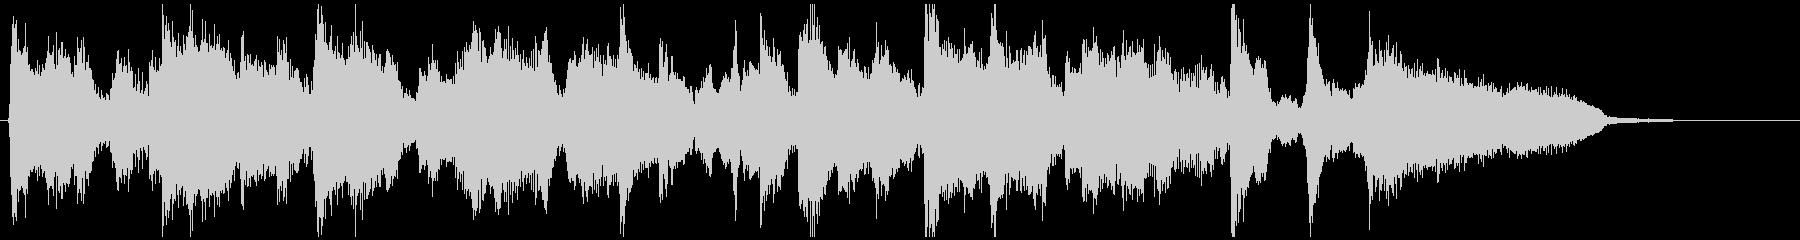 15秒CM向け、フルート生演奏のジャズの未再生の波形